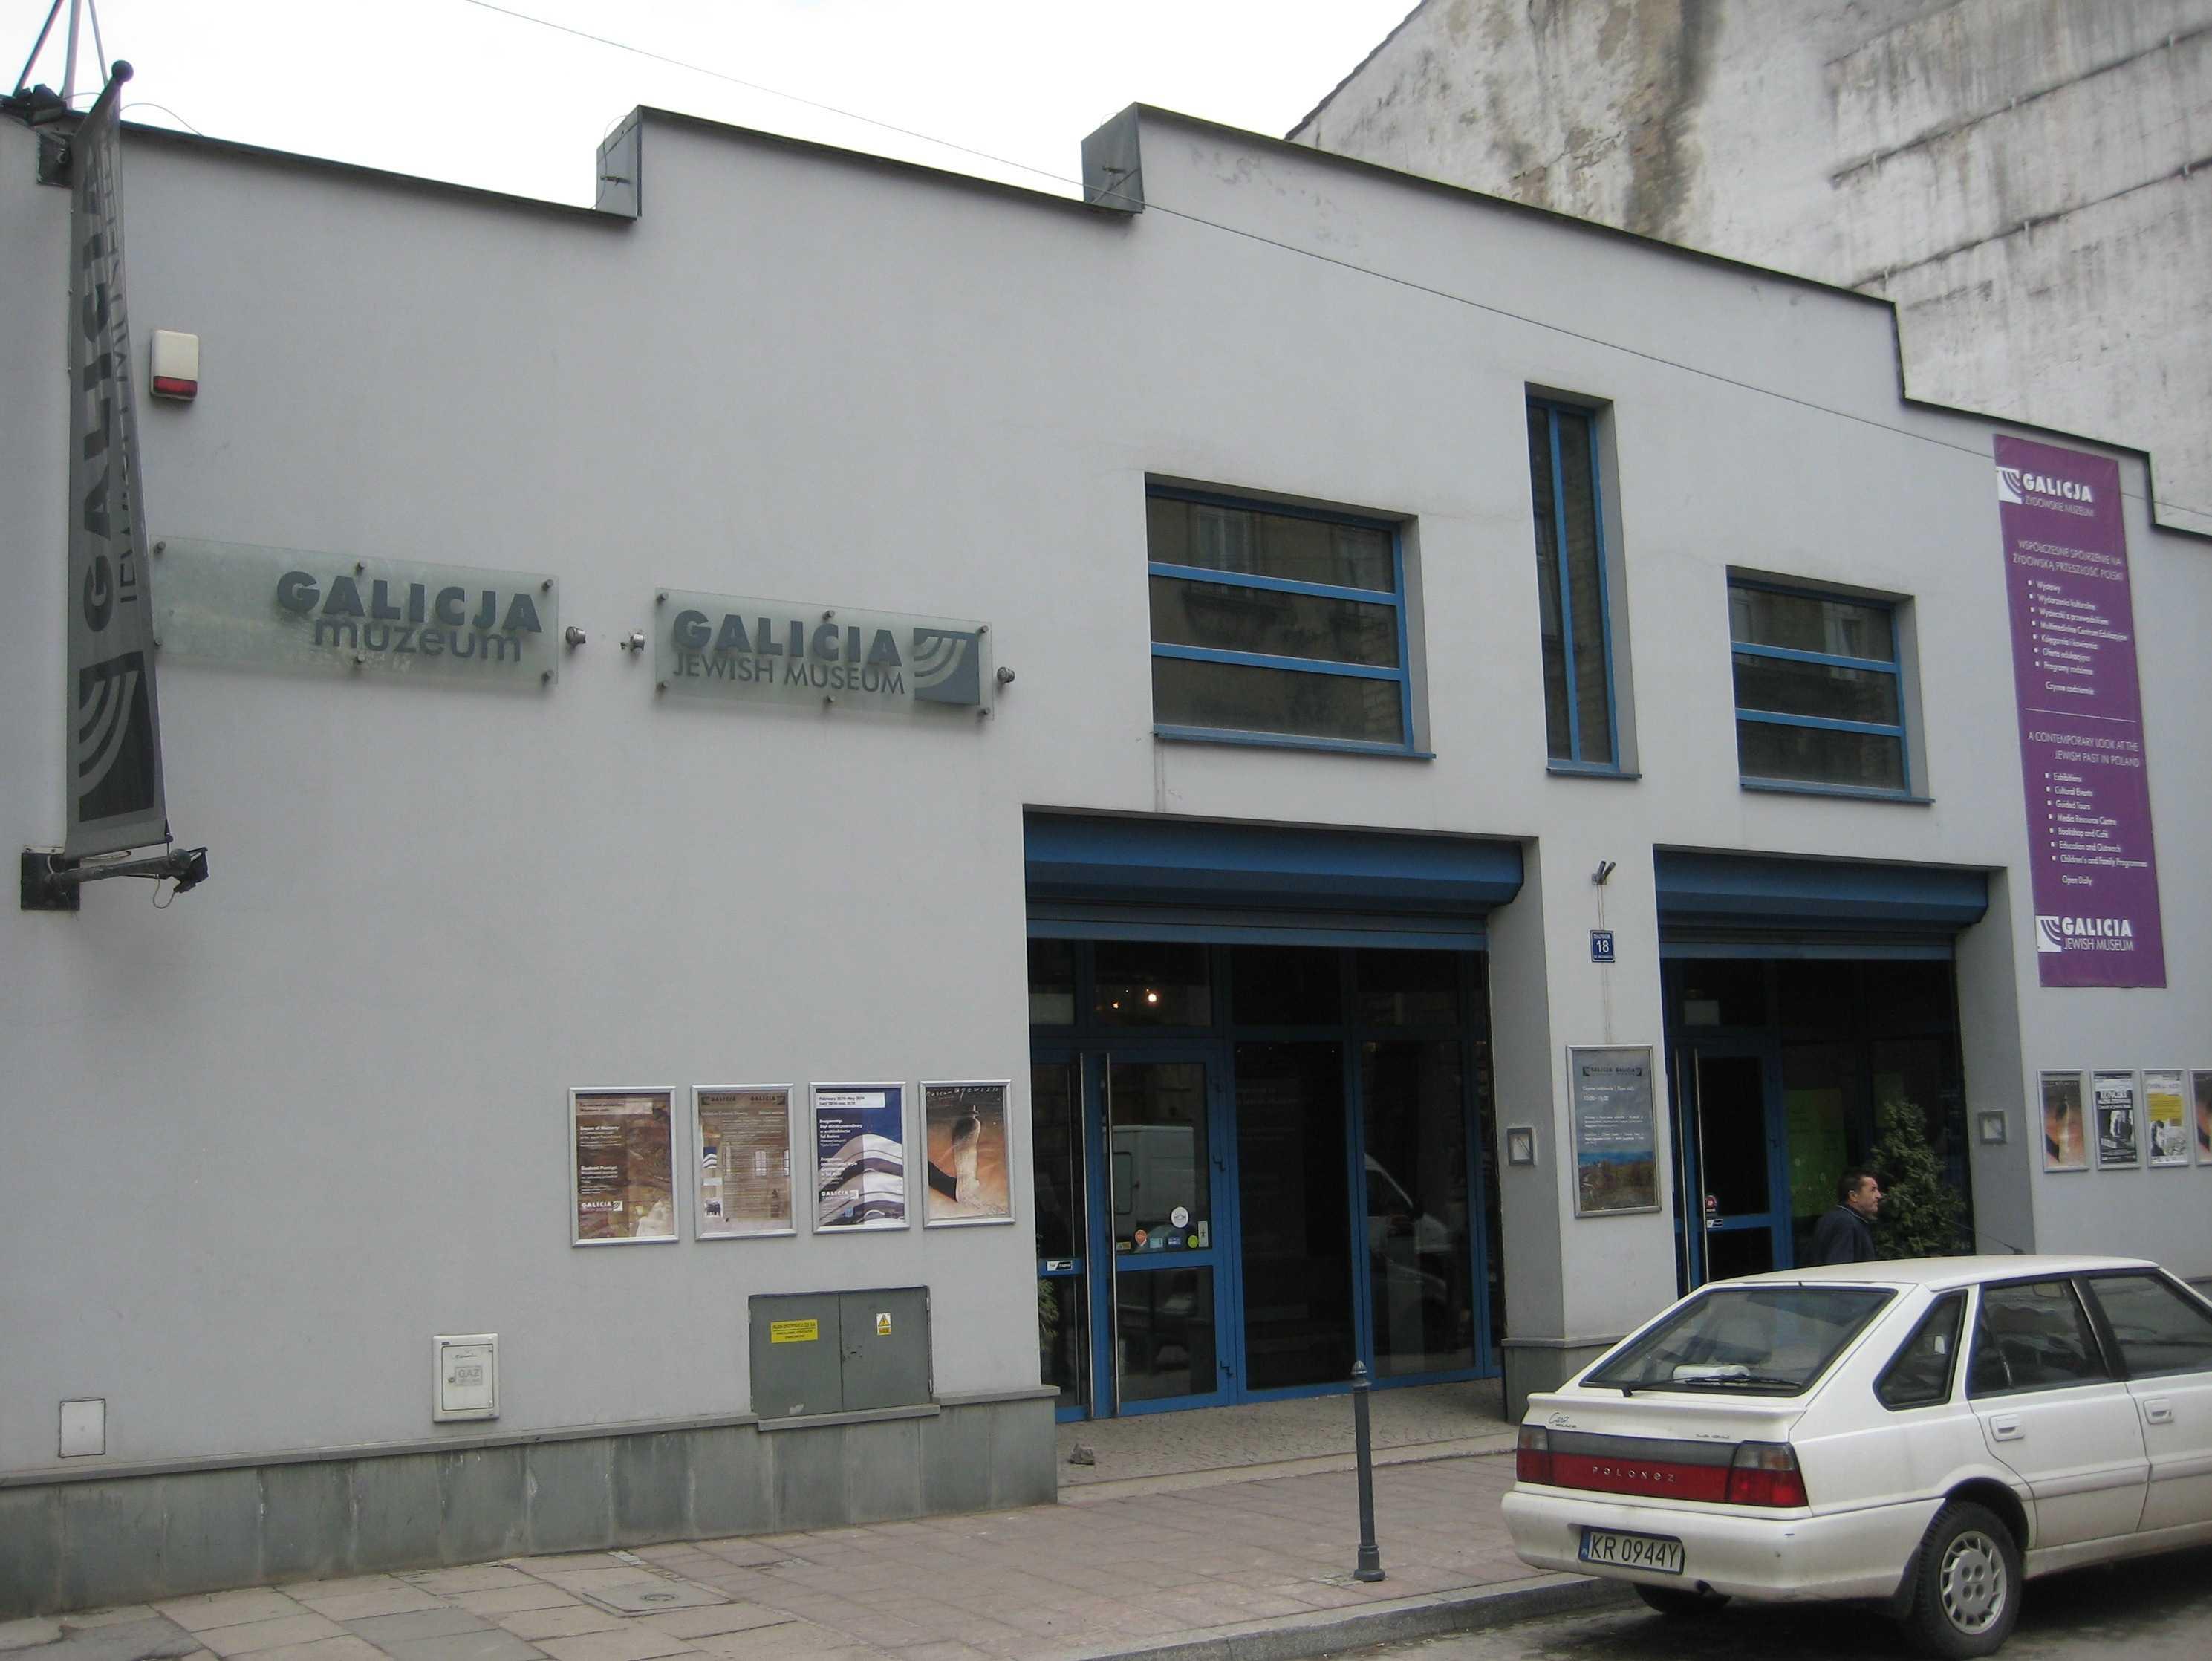 Galicia Jewish Museum, Krakow